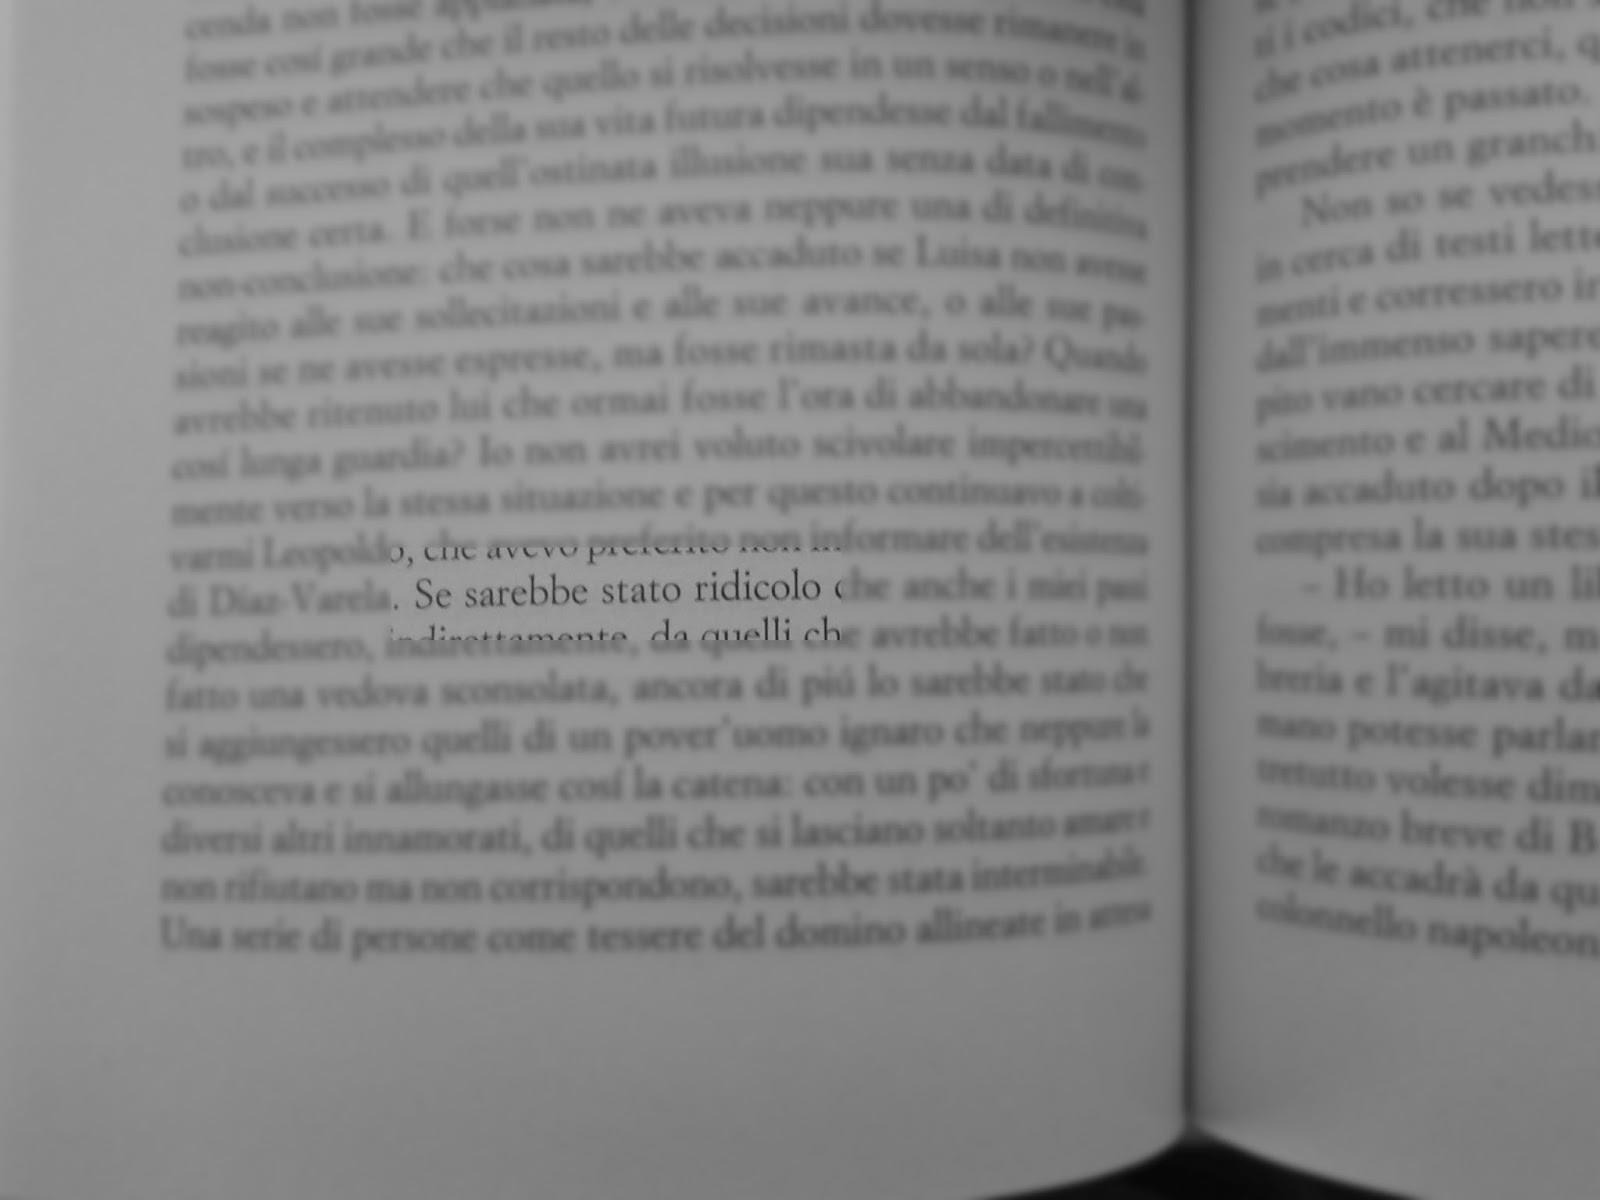 Elapsus libri illeggibili gli innamoramenti j mar as - Il bagno di diana klossowski ...